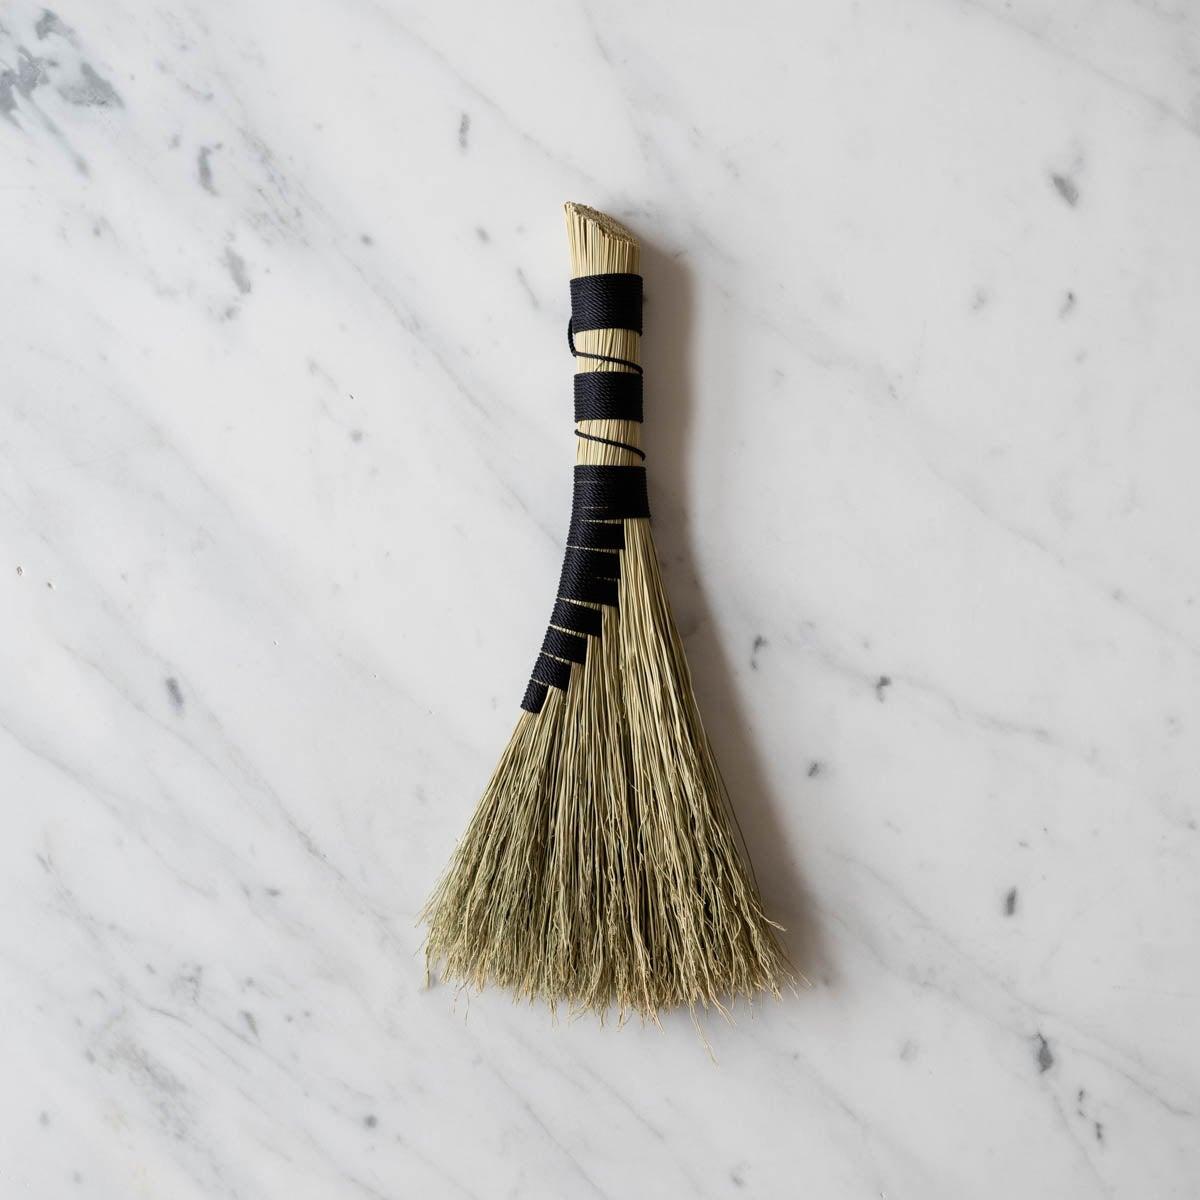 handmade whisk